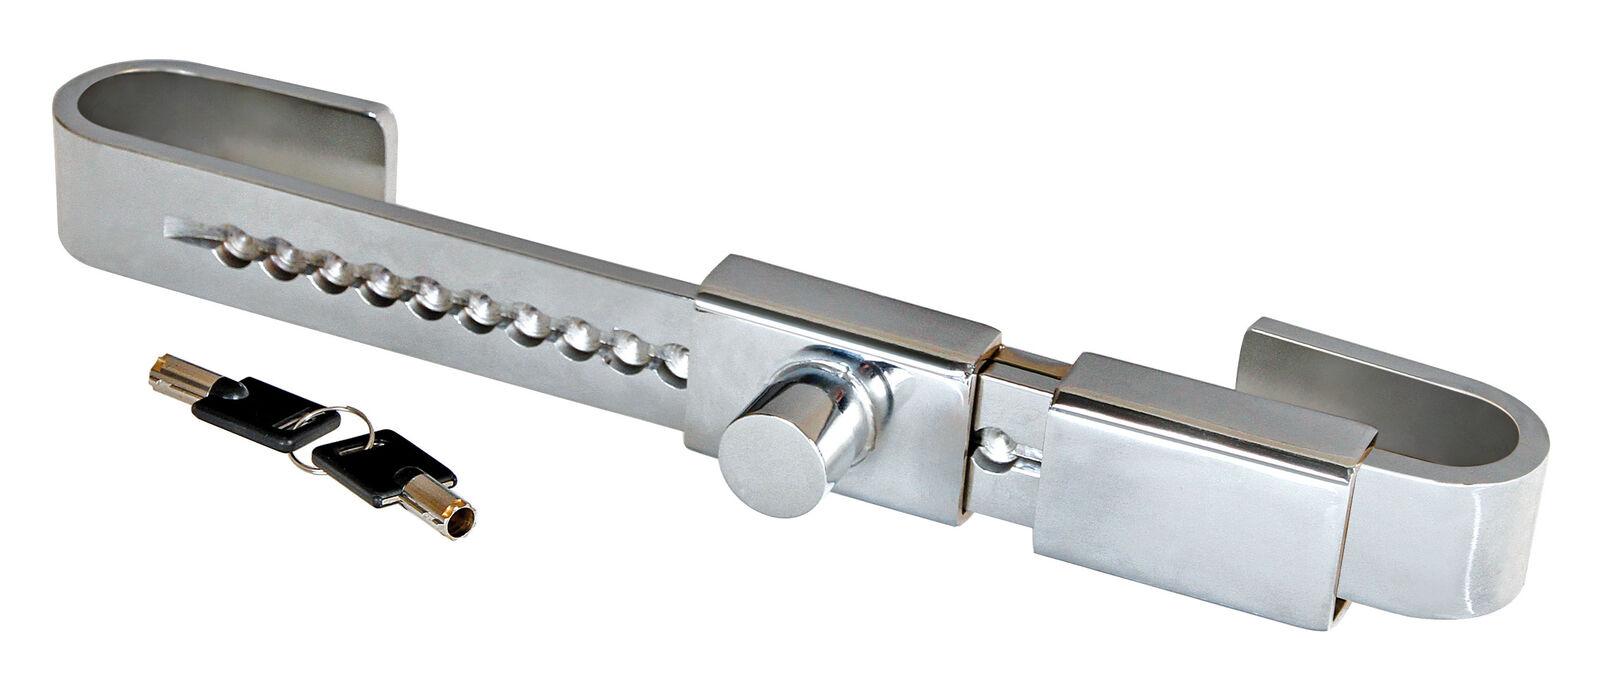 Lampa 98667 Zanna 3 lucchetto blocca-porte posteriore in acciaio inox